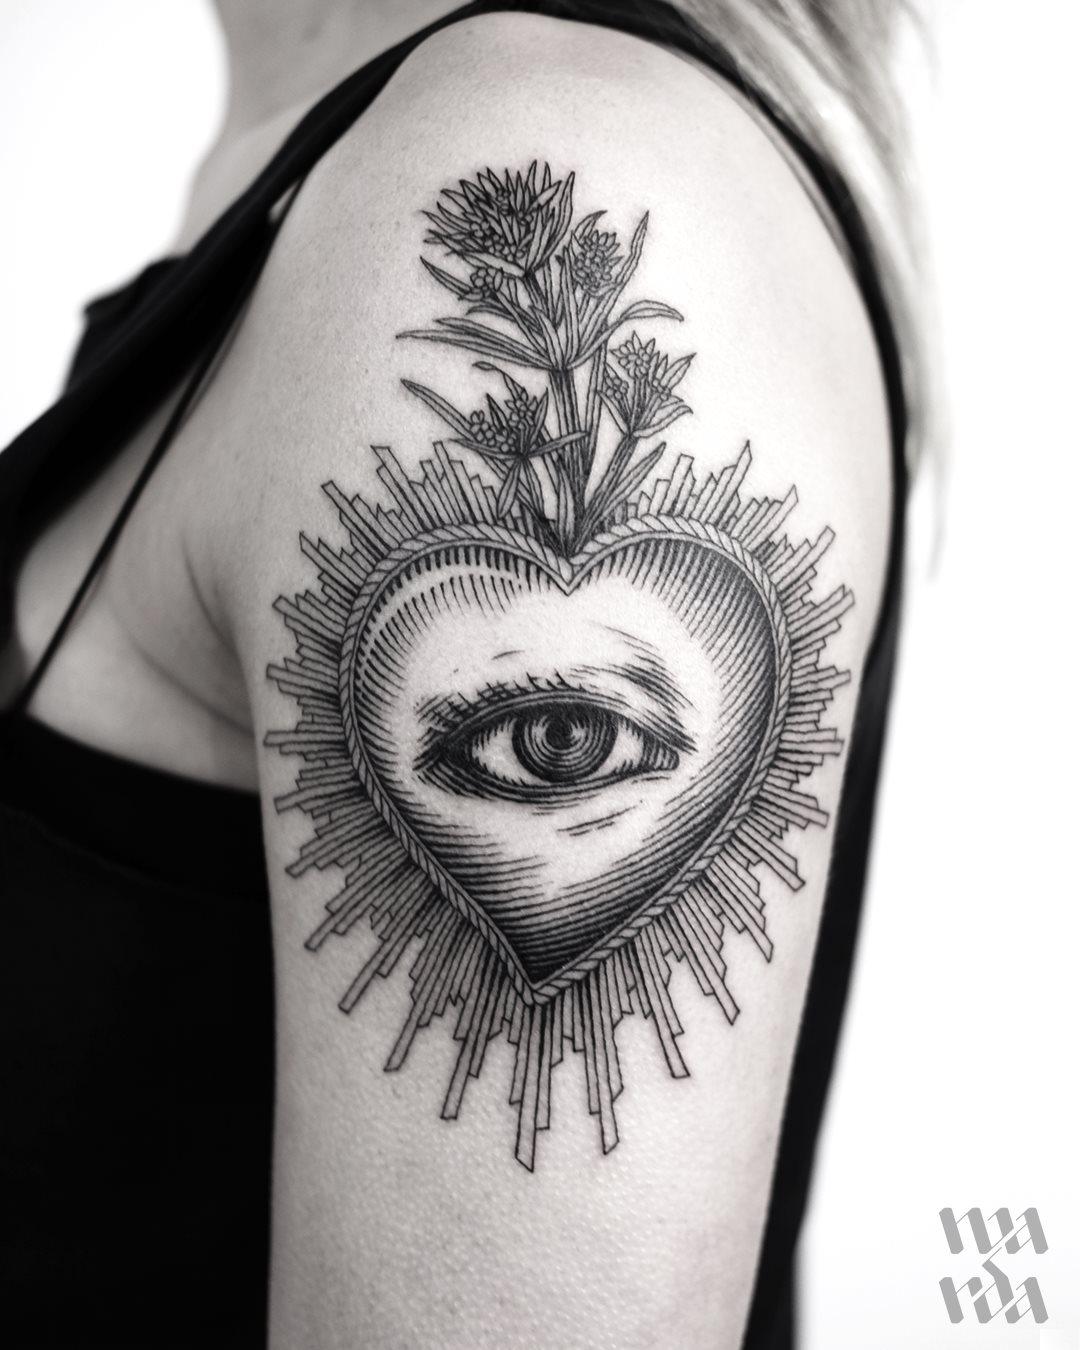 Inksearch tattoo Warda Tattoo